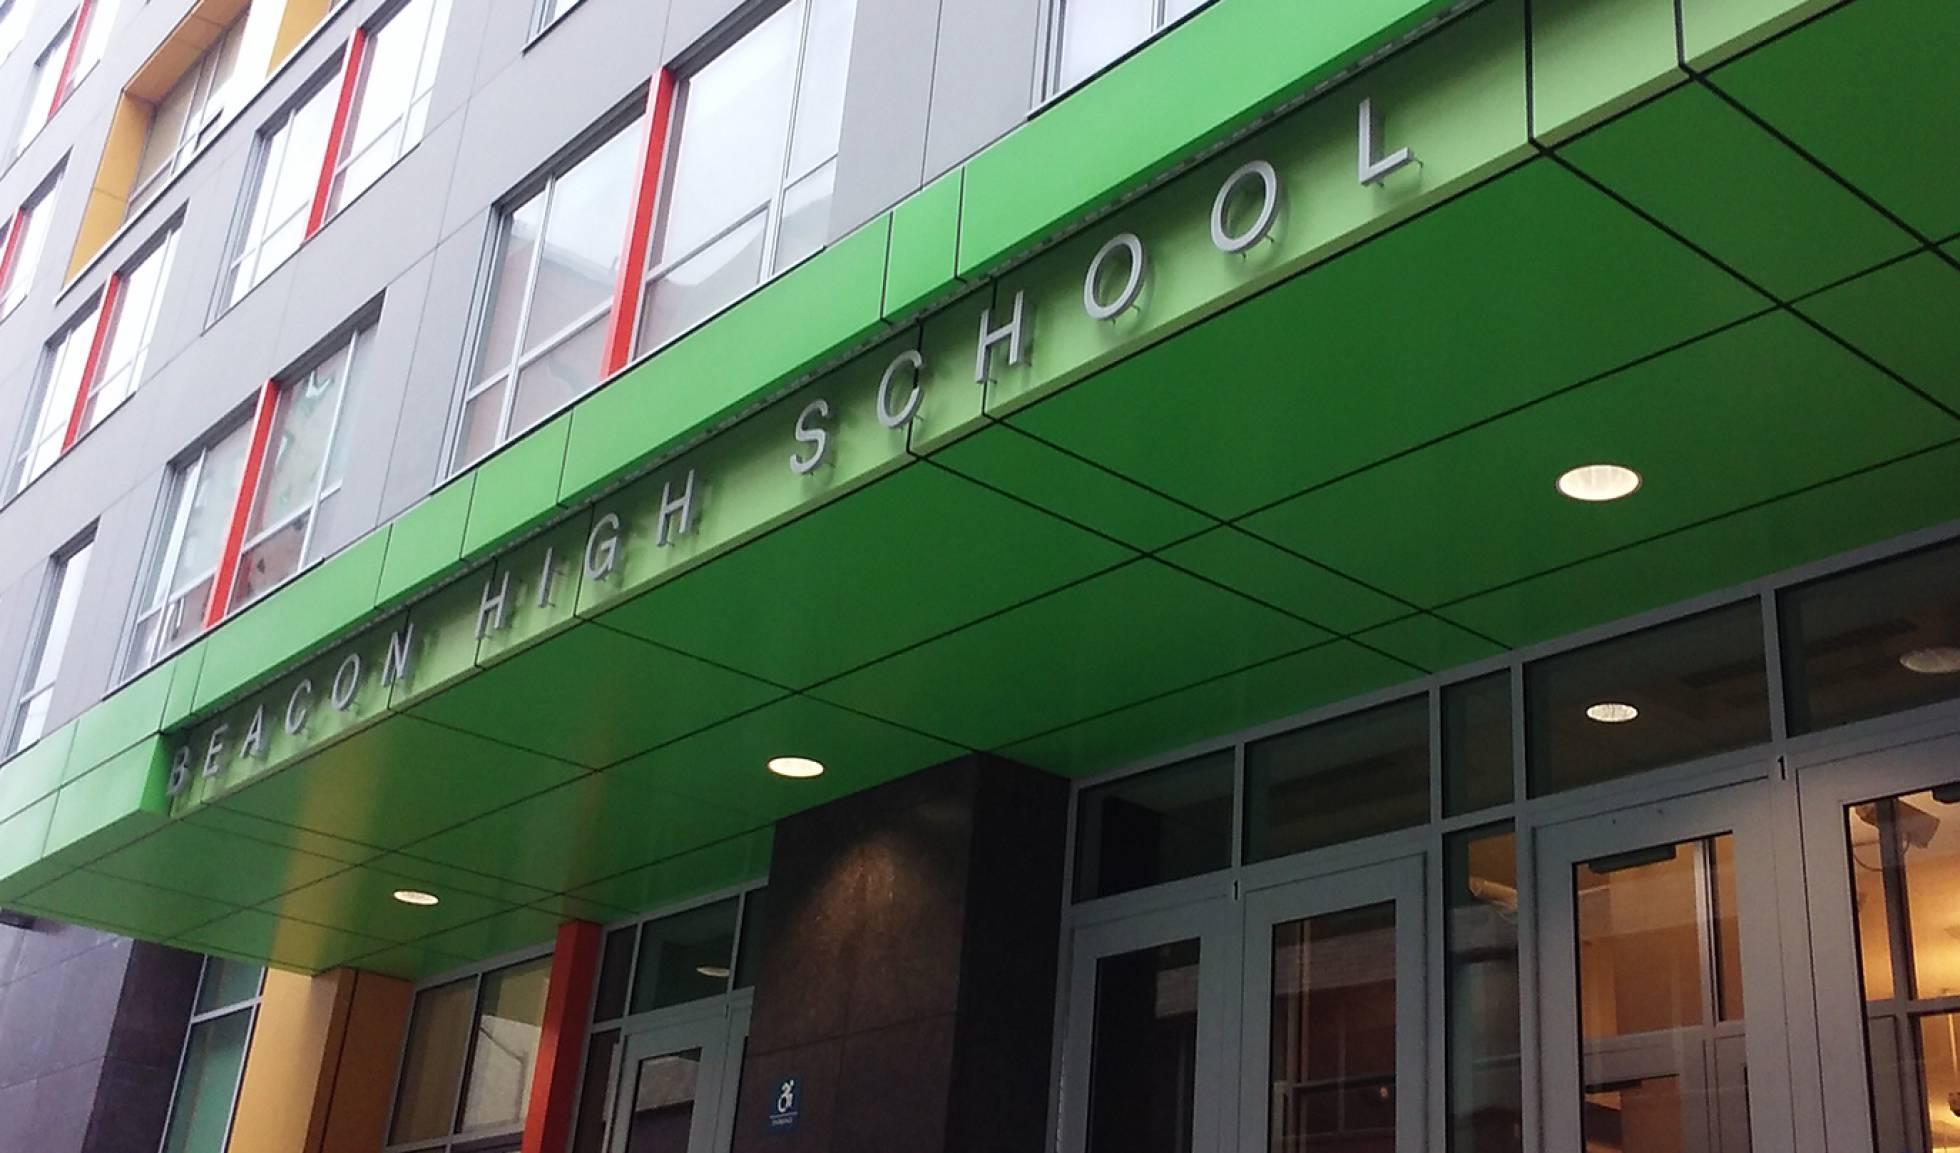 Un estudiante de Nueva York recibirá 60 millones de dólares de indemnización por quemarse con un experimento